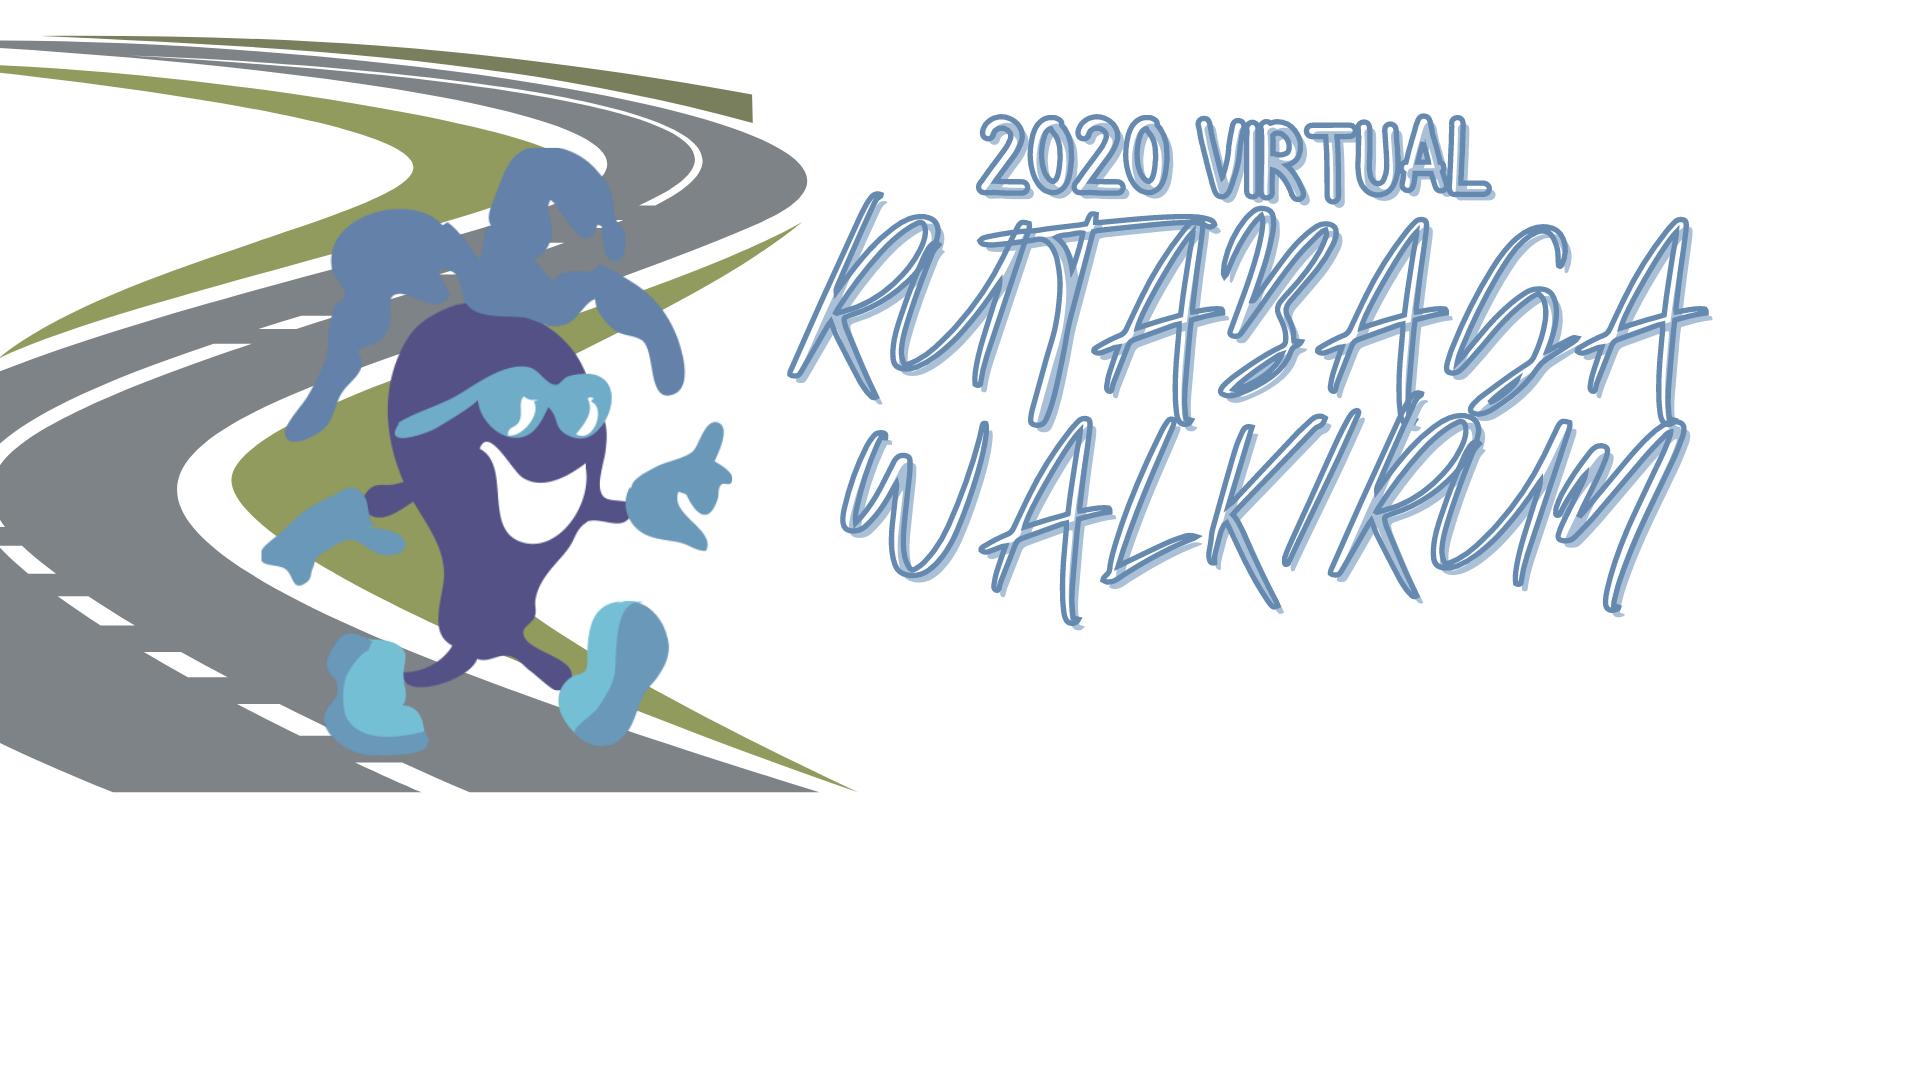 VIRTUAL-RUTABAGA-WALK_RUN.png